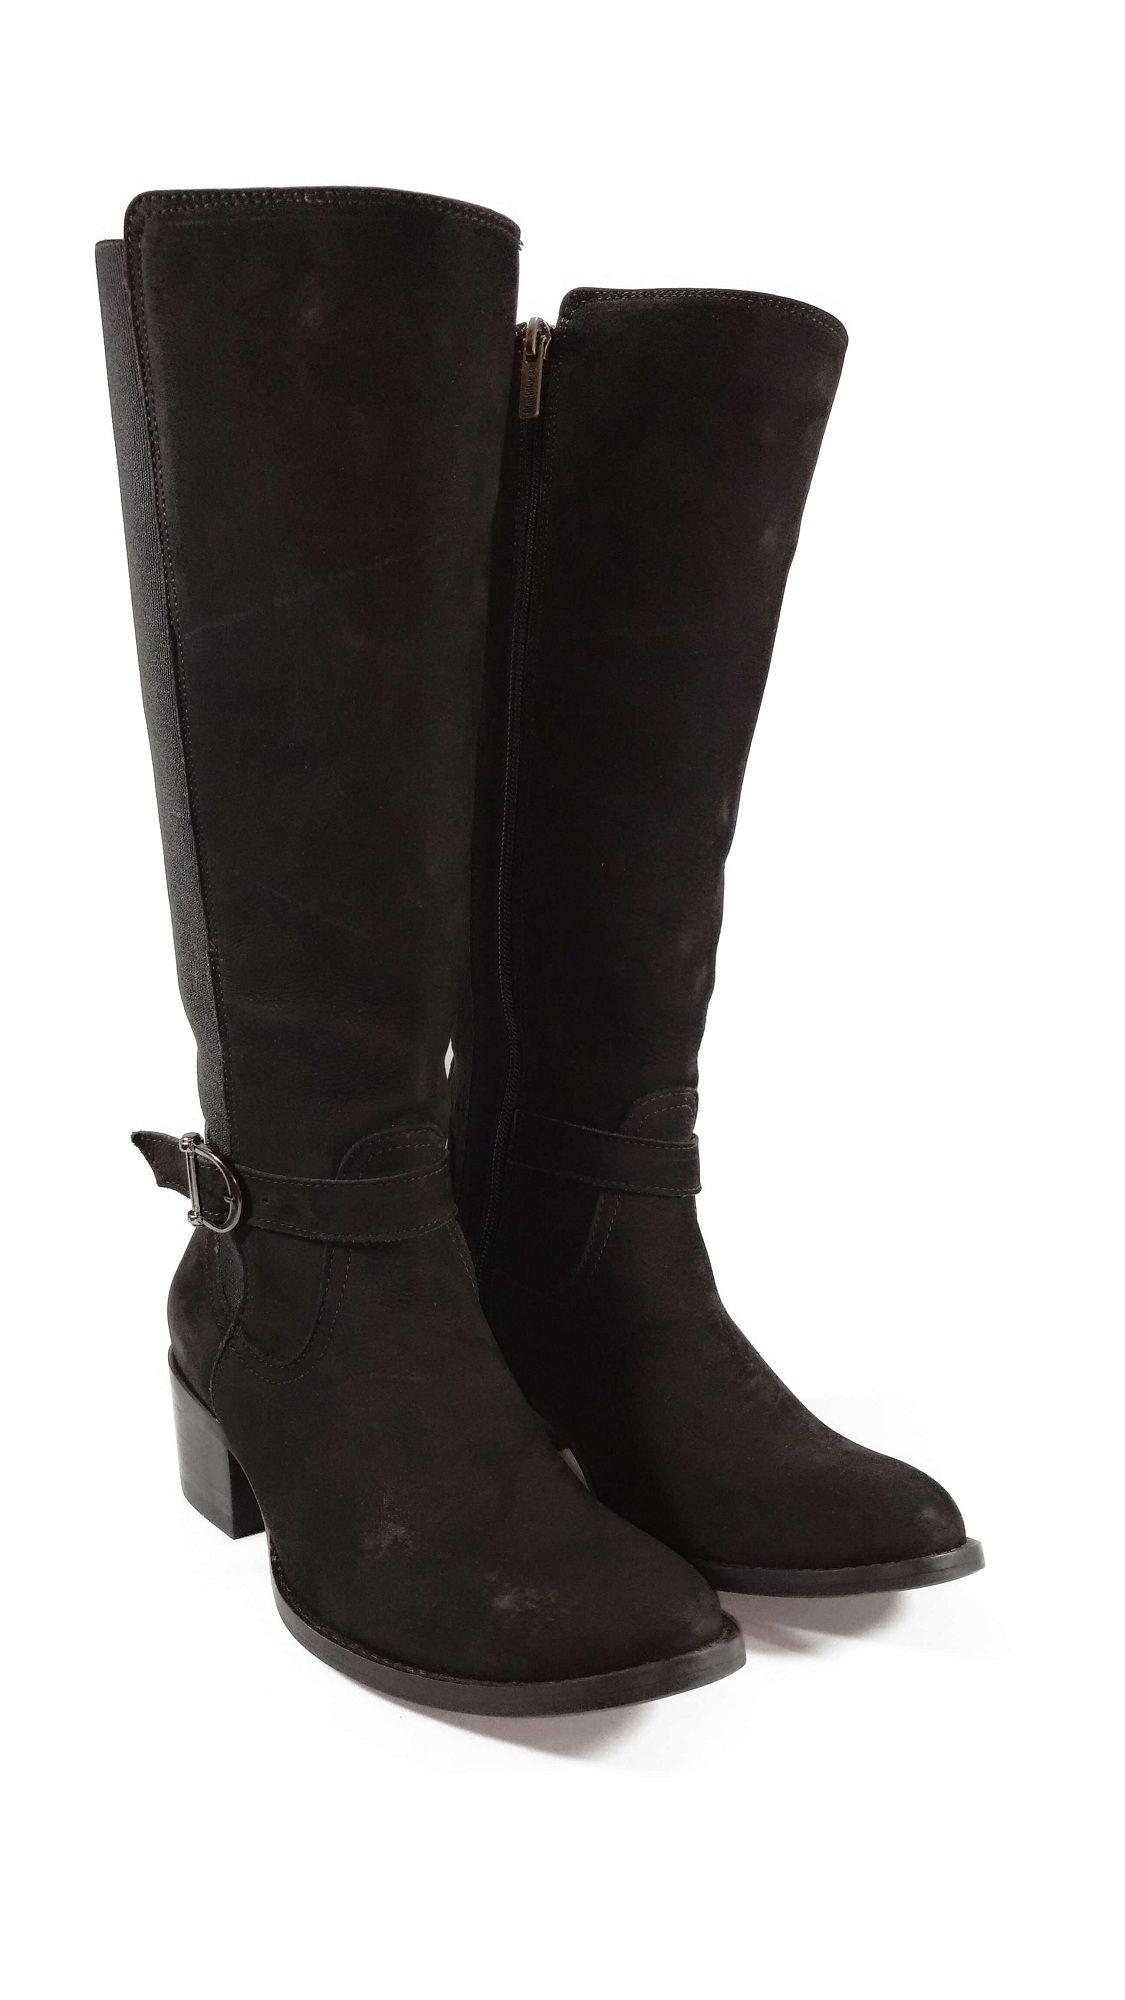 Bota Feminina Black Horse Nobuck/Neoprene Ref. 14065